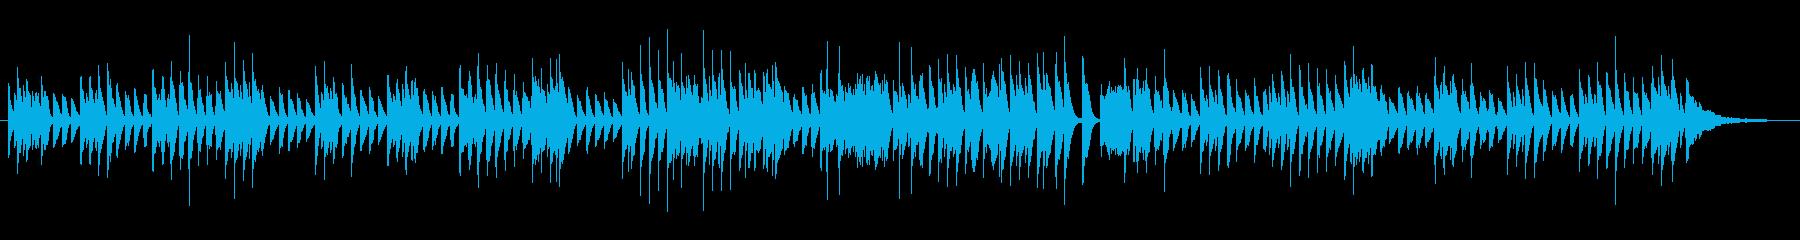 子猫がぴょんぴょん遊ぶ軽快なピアノソロ曲の再生済みの波形